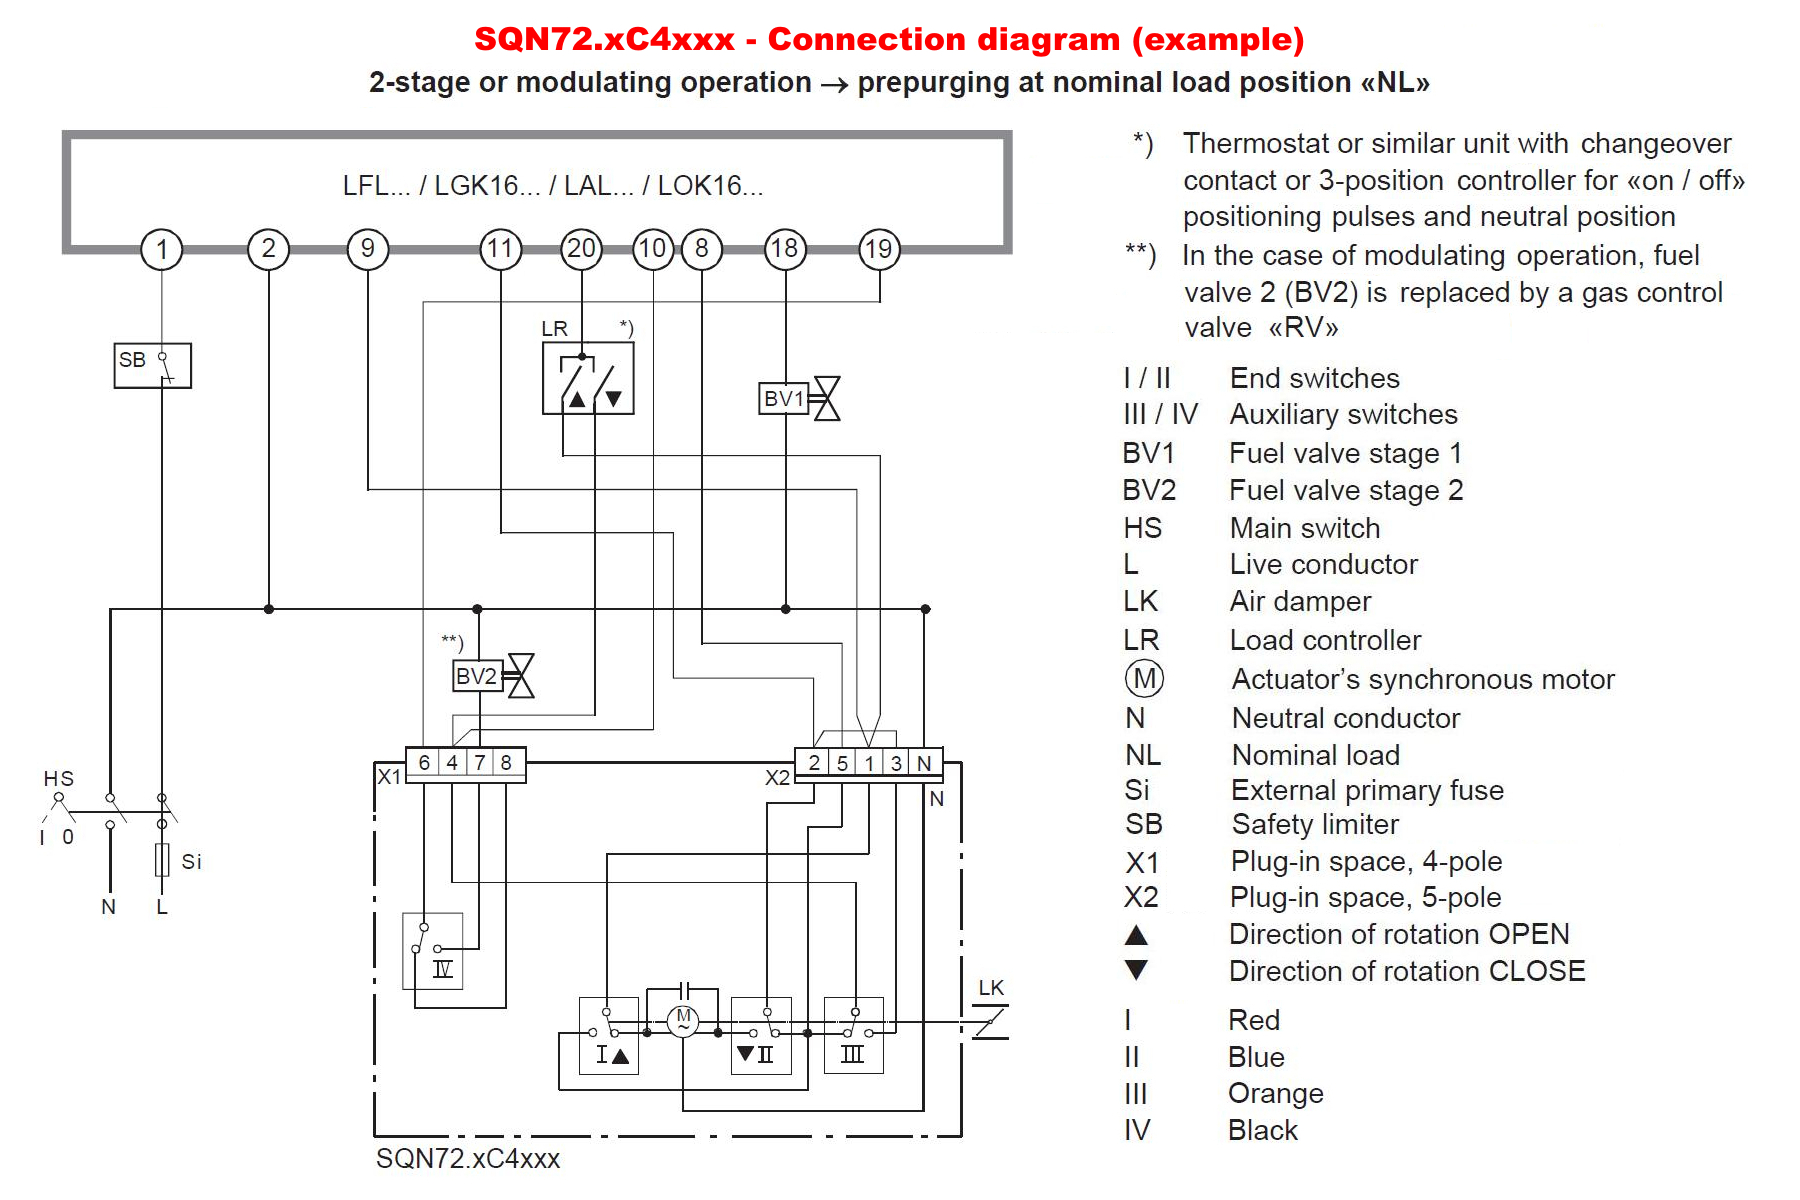 SIEMENS SQN7… SCHEMA_ELECTRICA